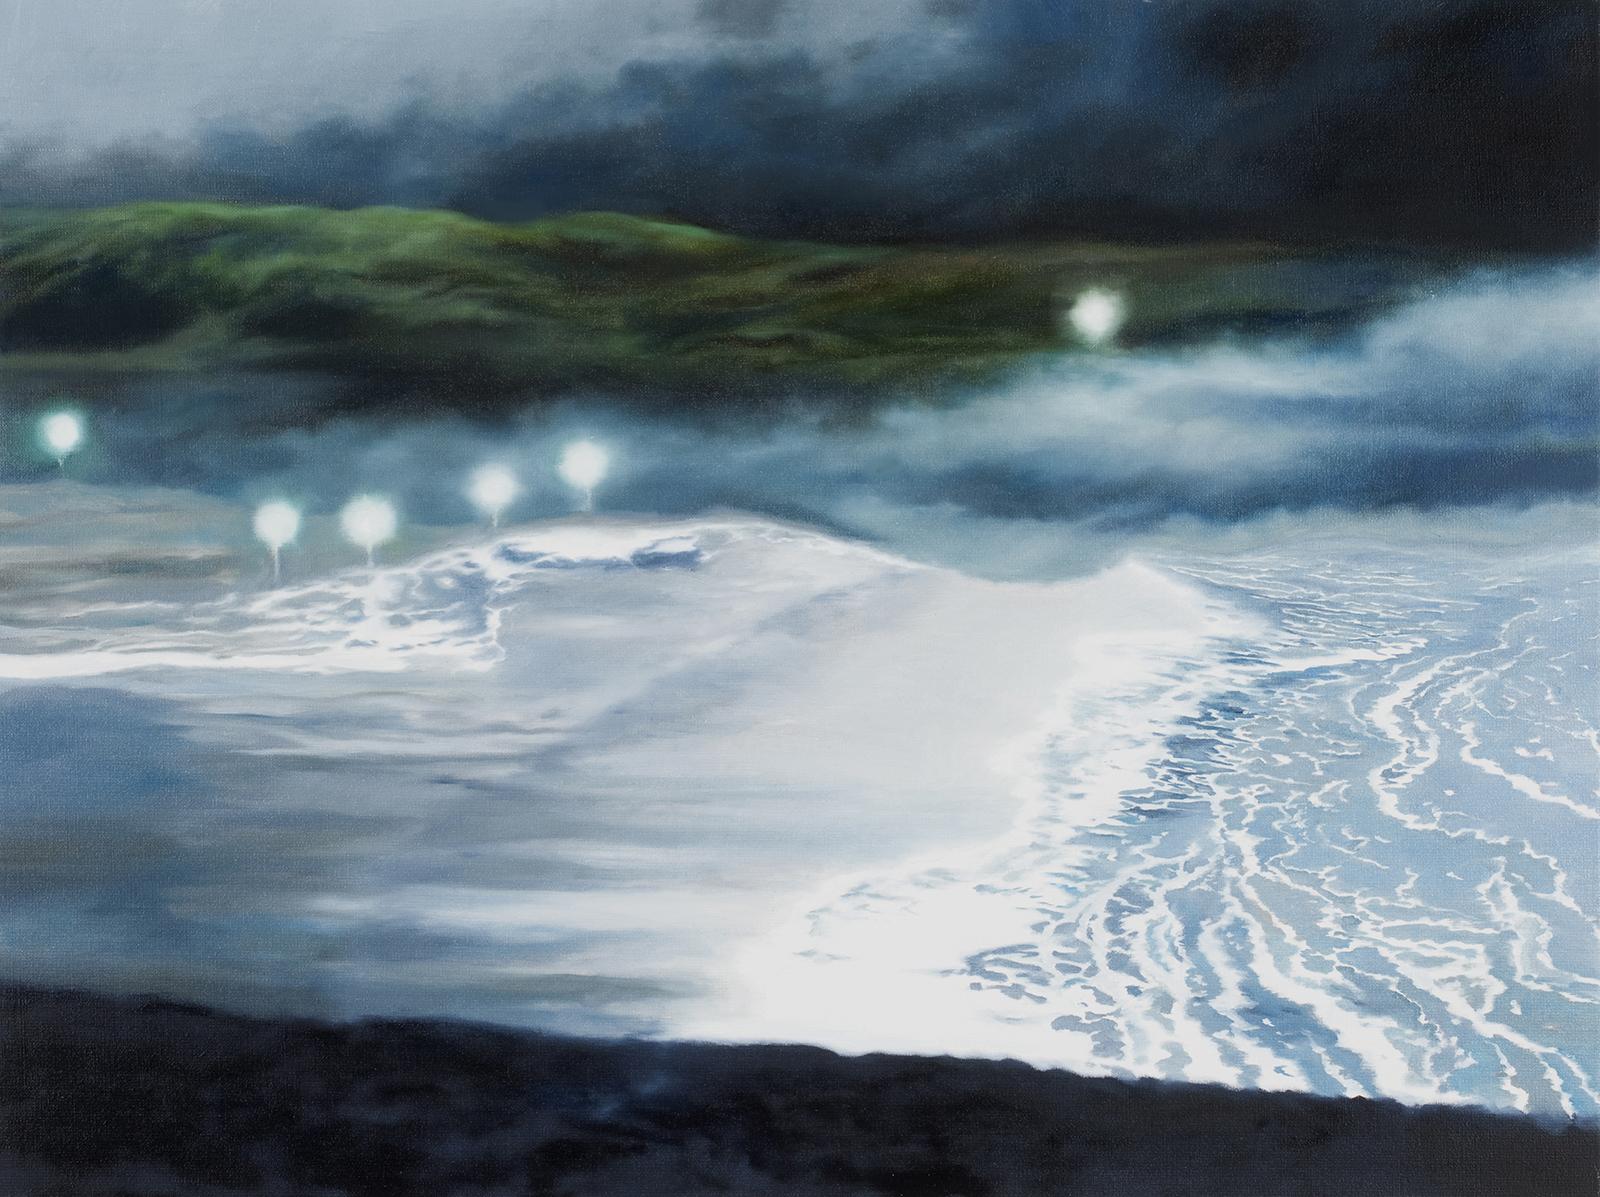 Nachtwache 2009, 60 x 80 cm, Öl auf Leinwand  Night Watch 2009, oil on canvas